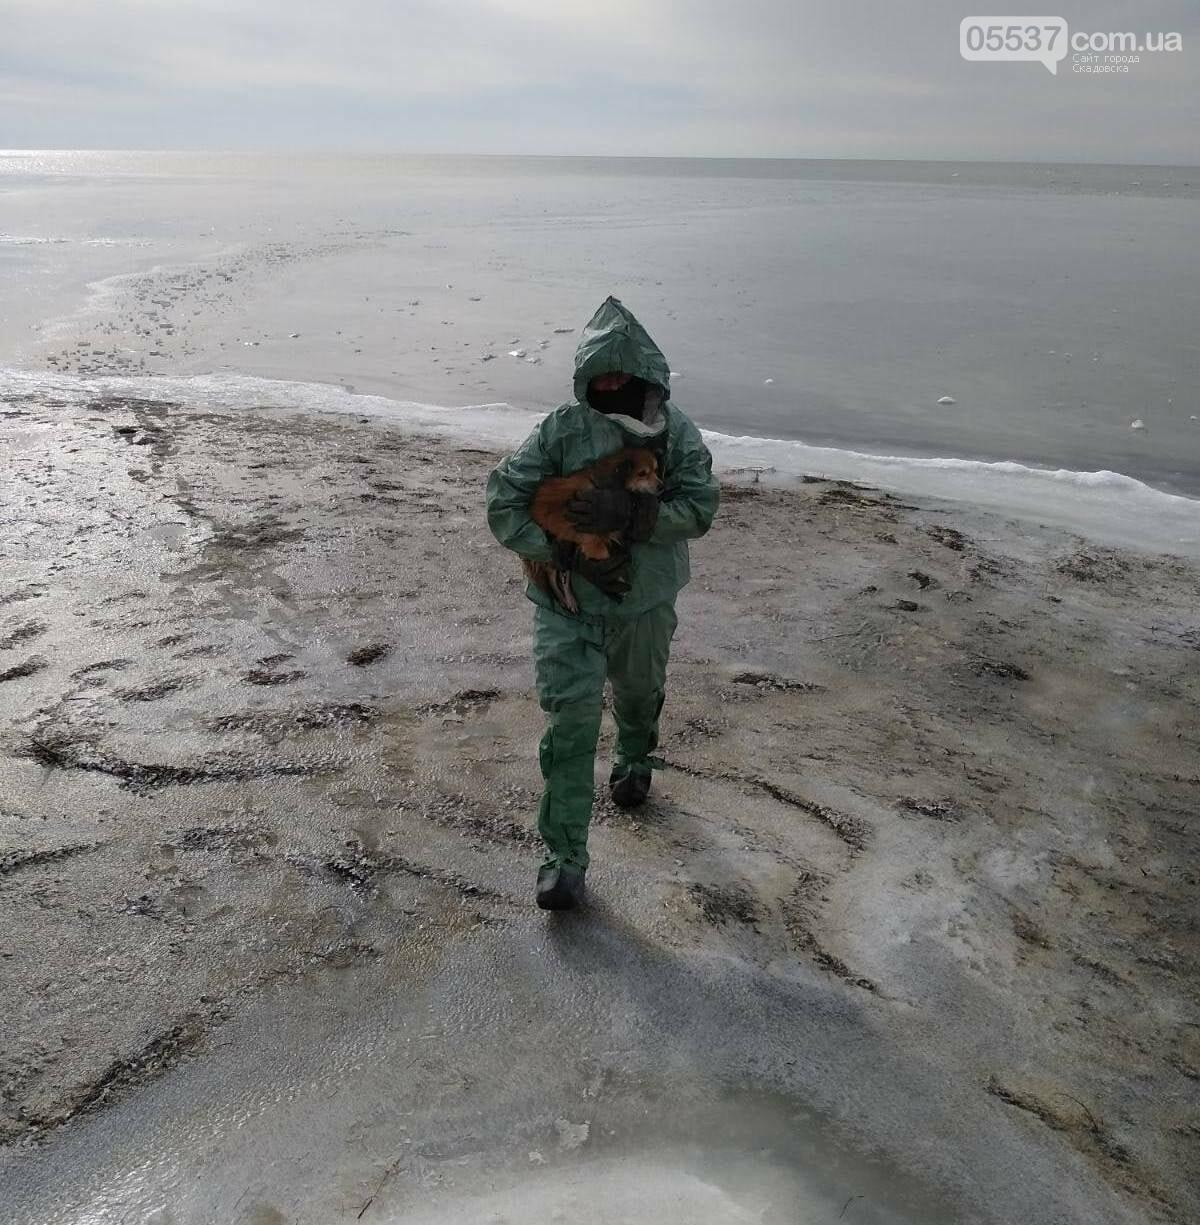 В Скадовске из ледяного плена спасали собаку, фото-1